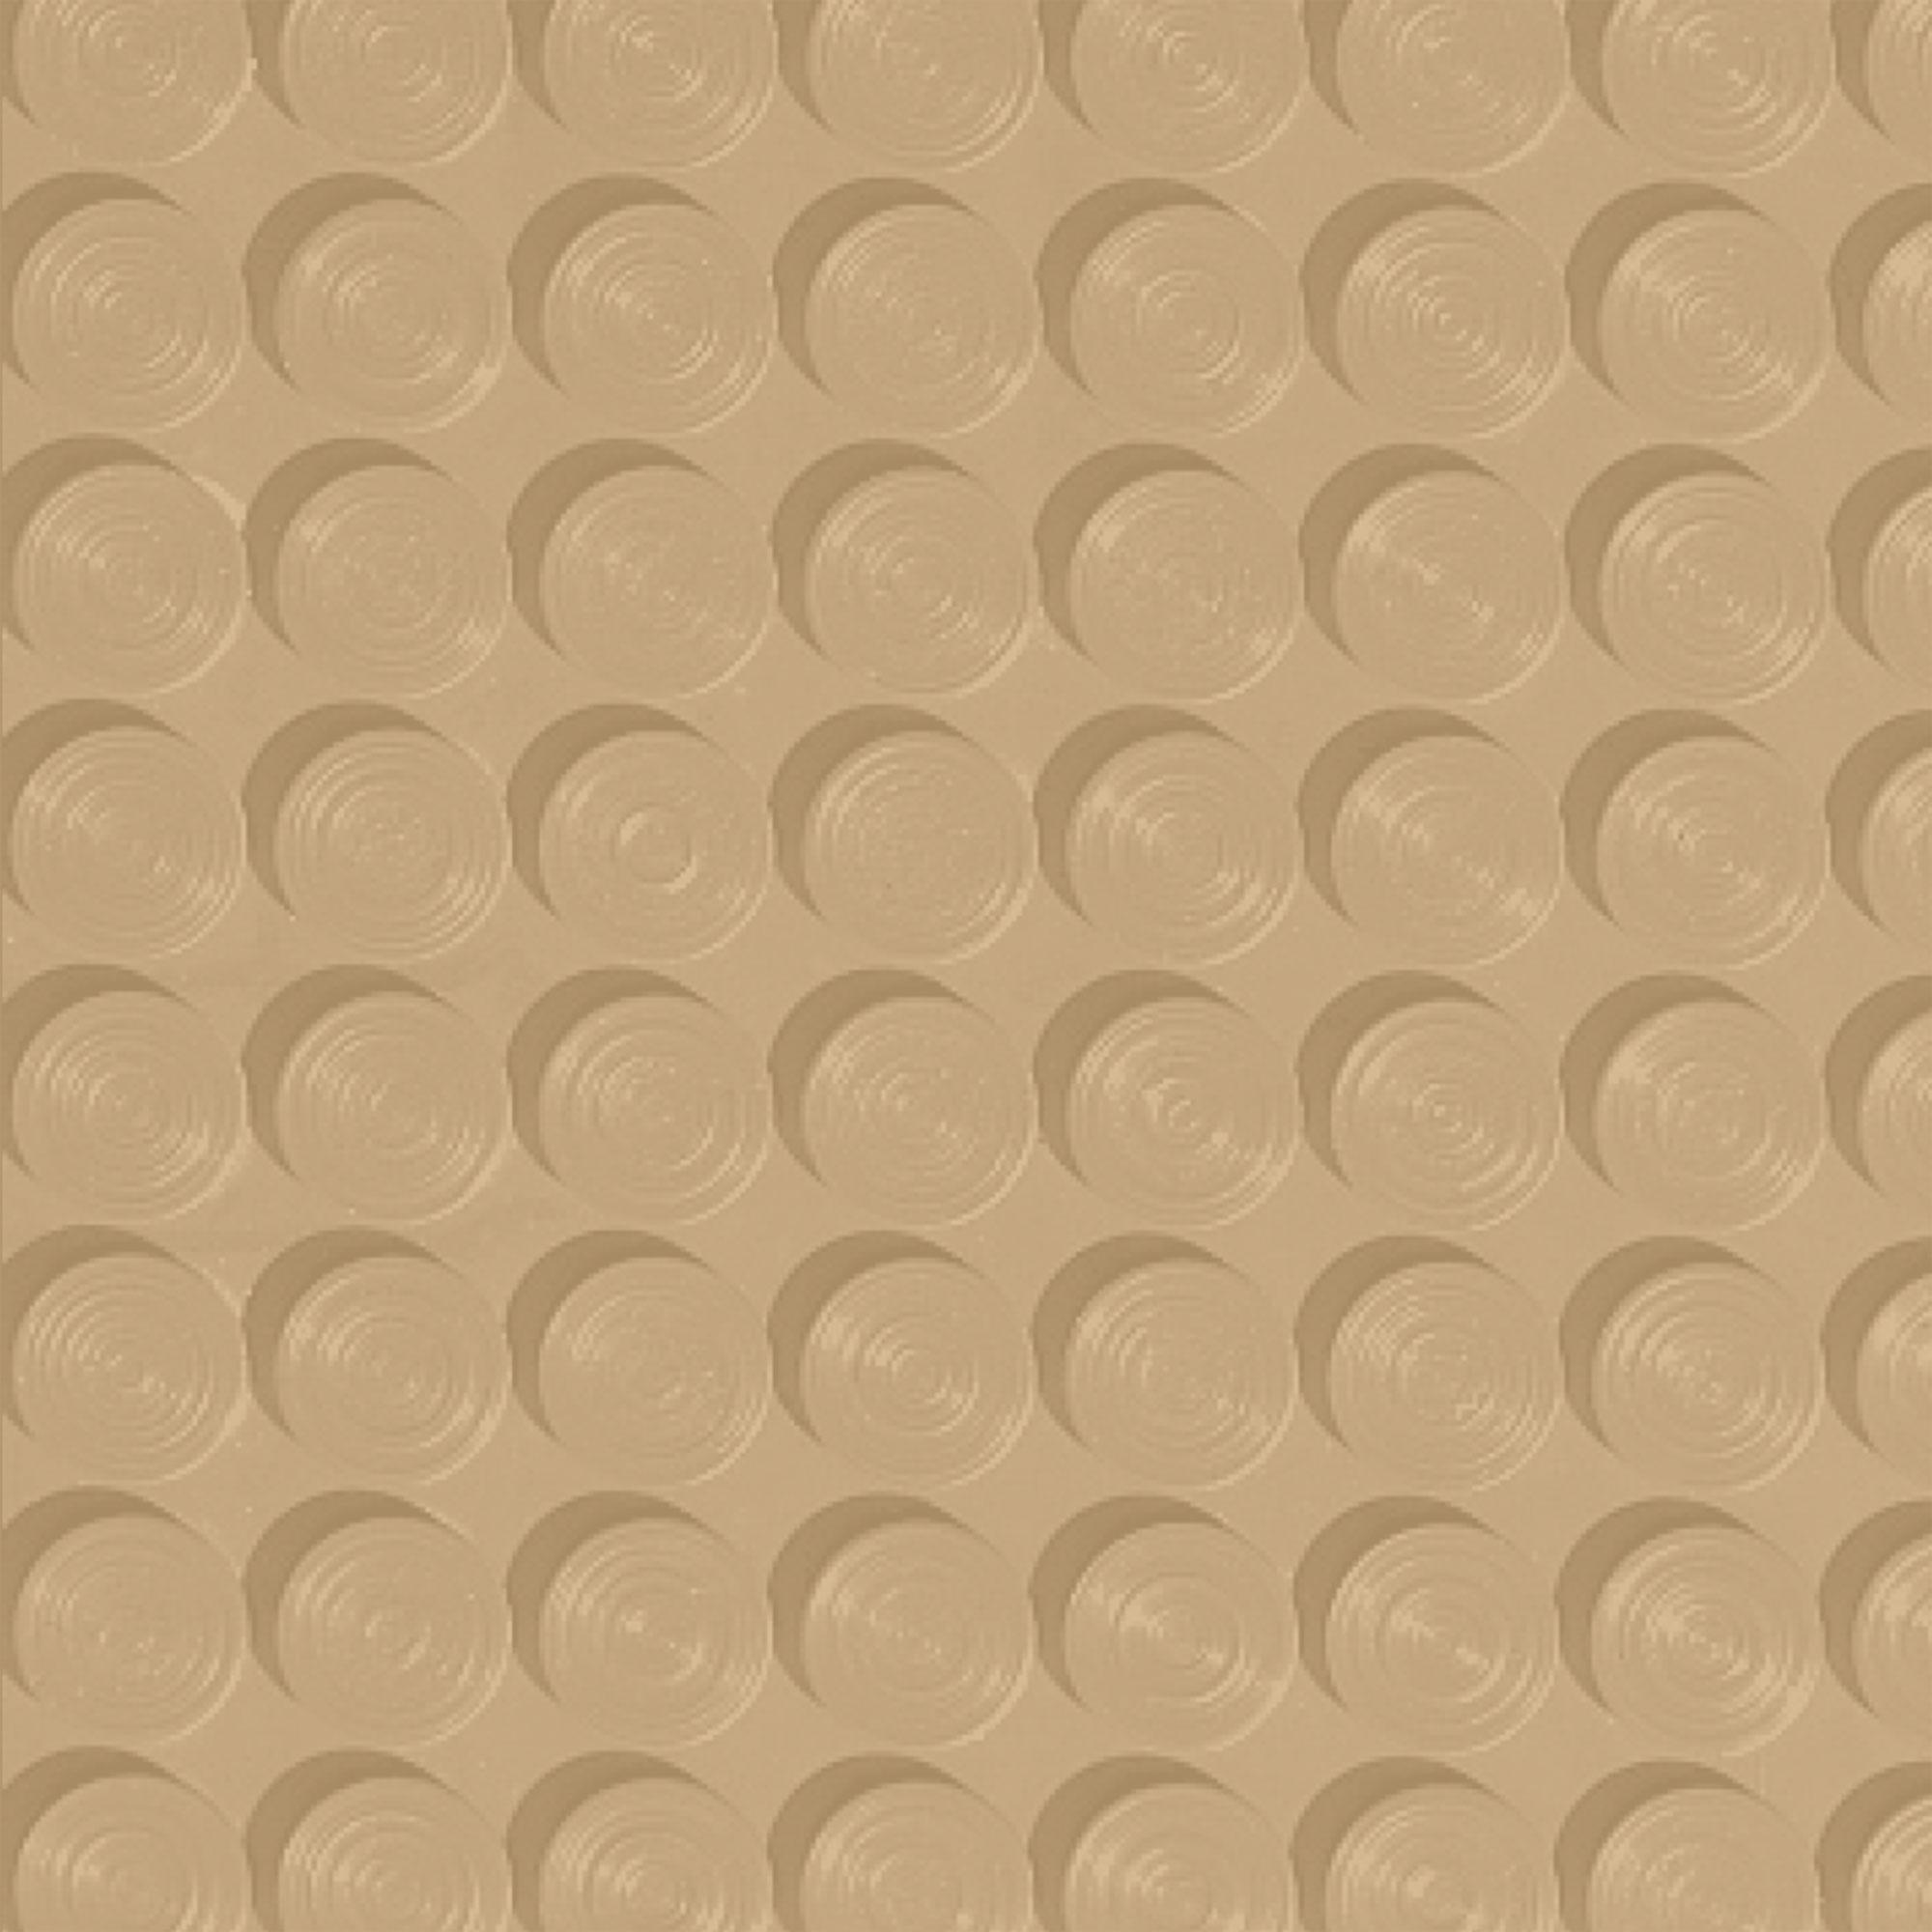 Roppe Rubber Tile 900 - Lug Back Vantage Design (LB996) Harvest Yellow Rubber Flooring